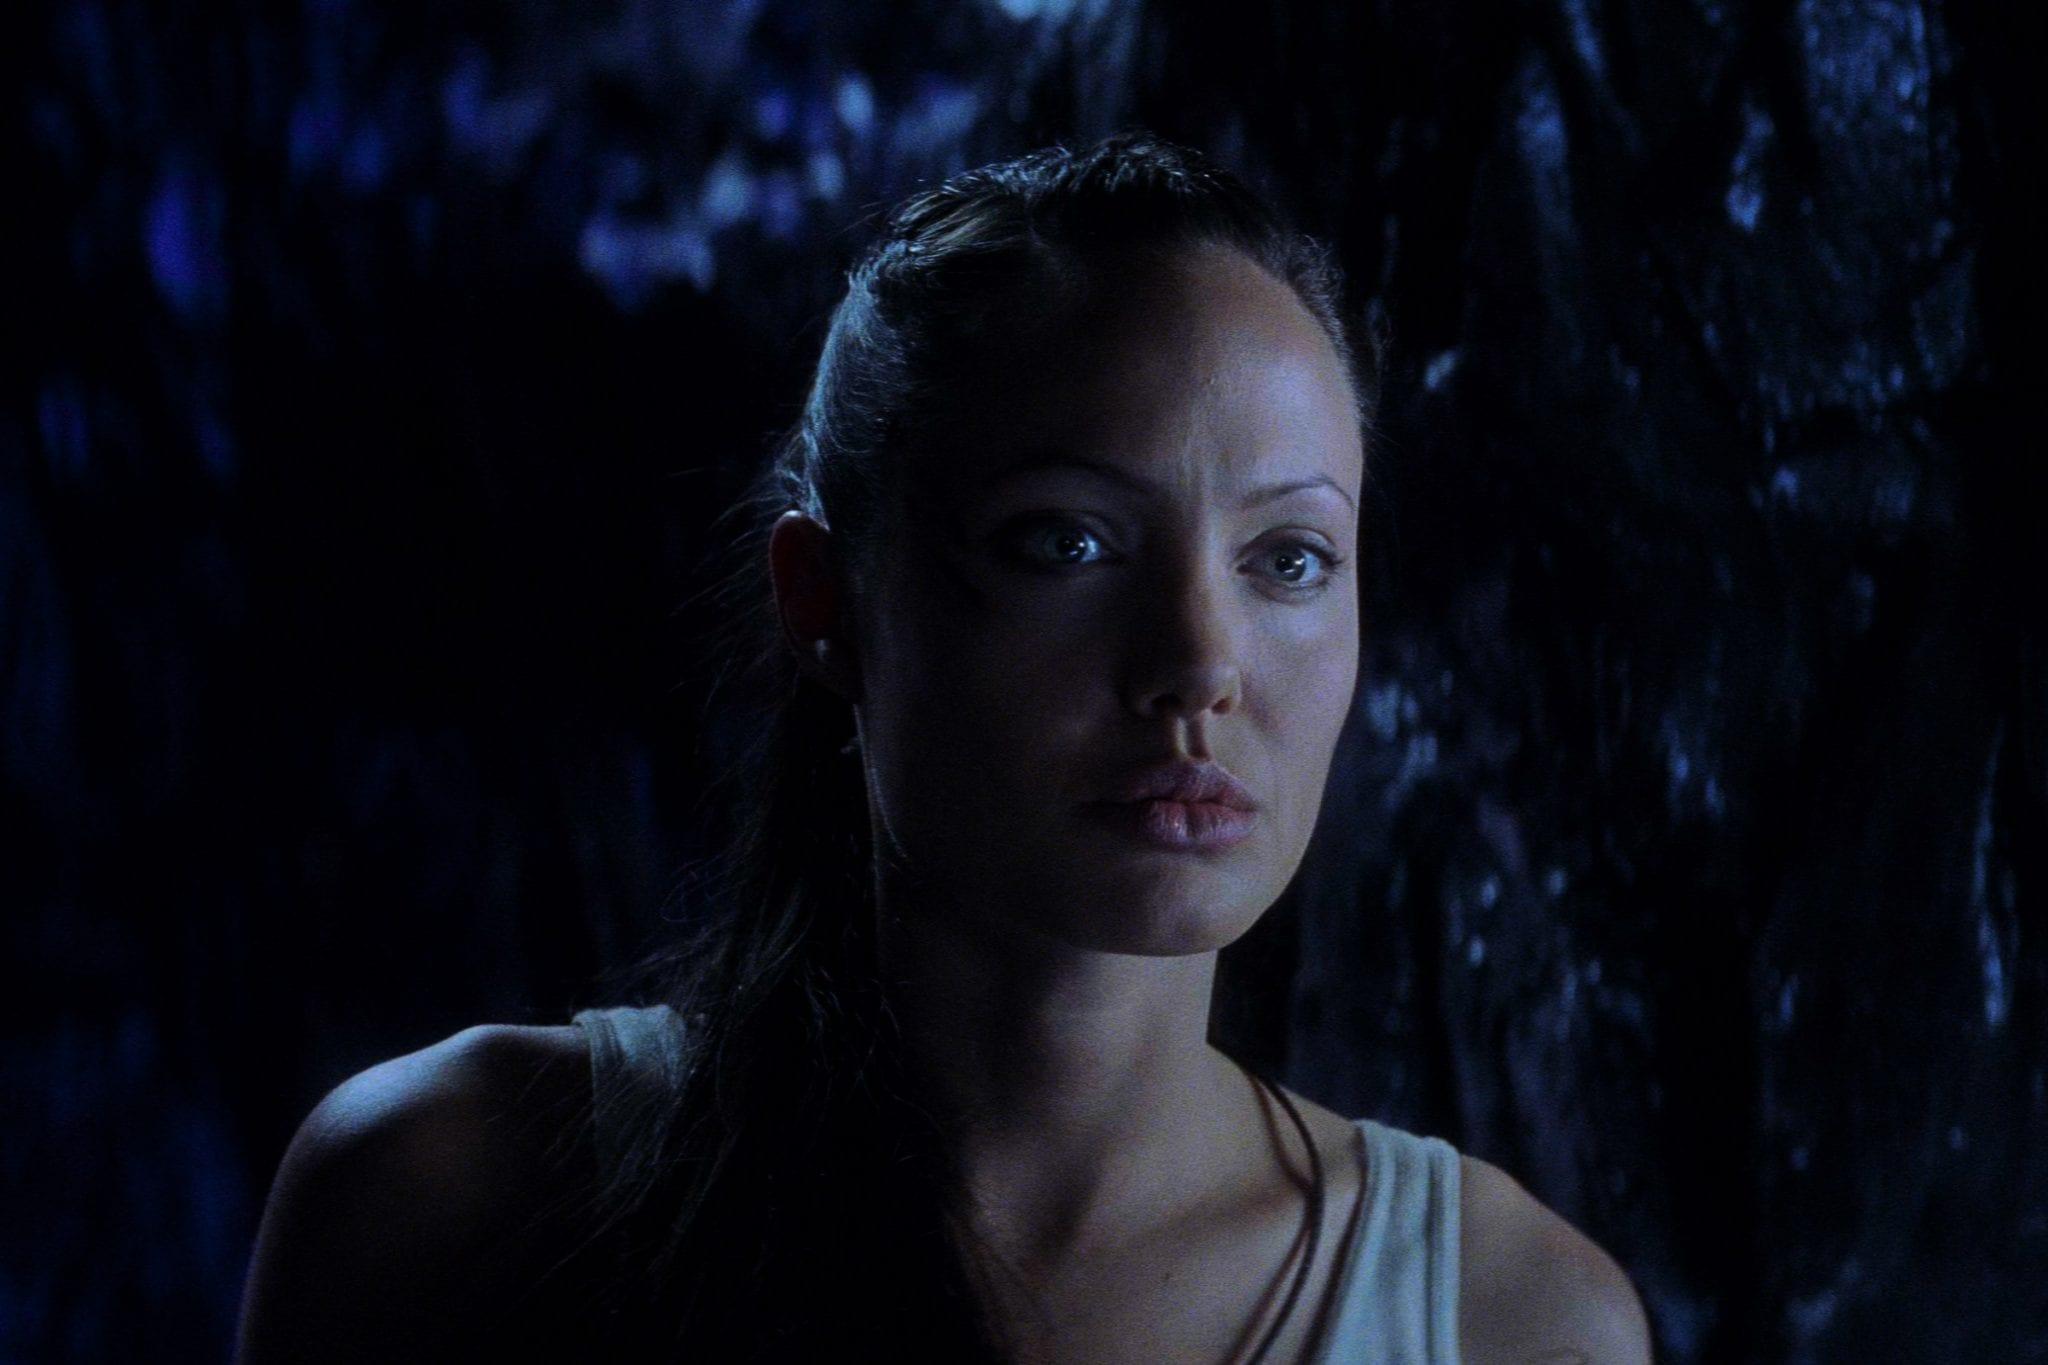 GuidaTV 20 Novembre 2020: Tale e Quale Show, GFVip, Quarto Grado, Titolo V, Fratelli di Crozza, Propaganda live, Lara Croft: Tomb Raider, La grande bellezza